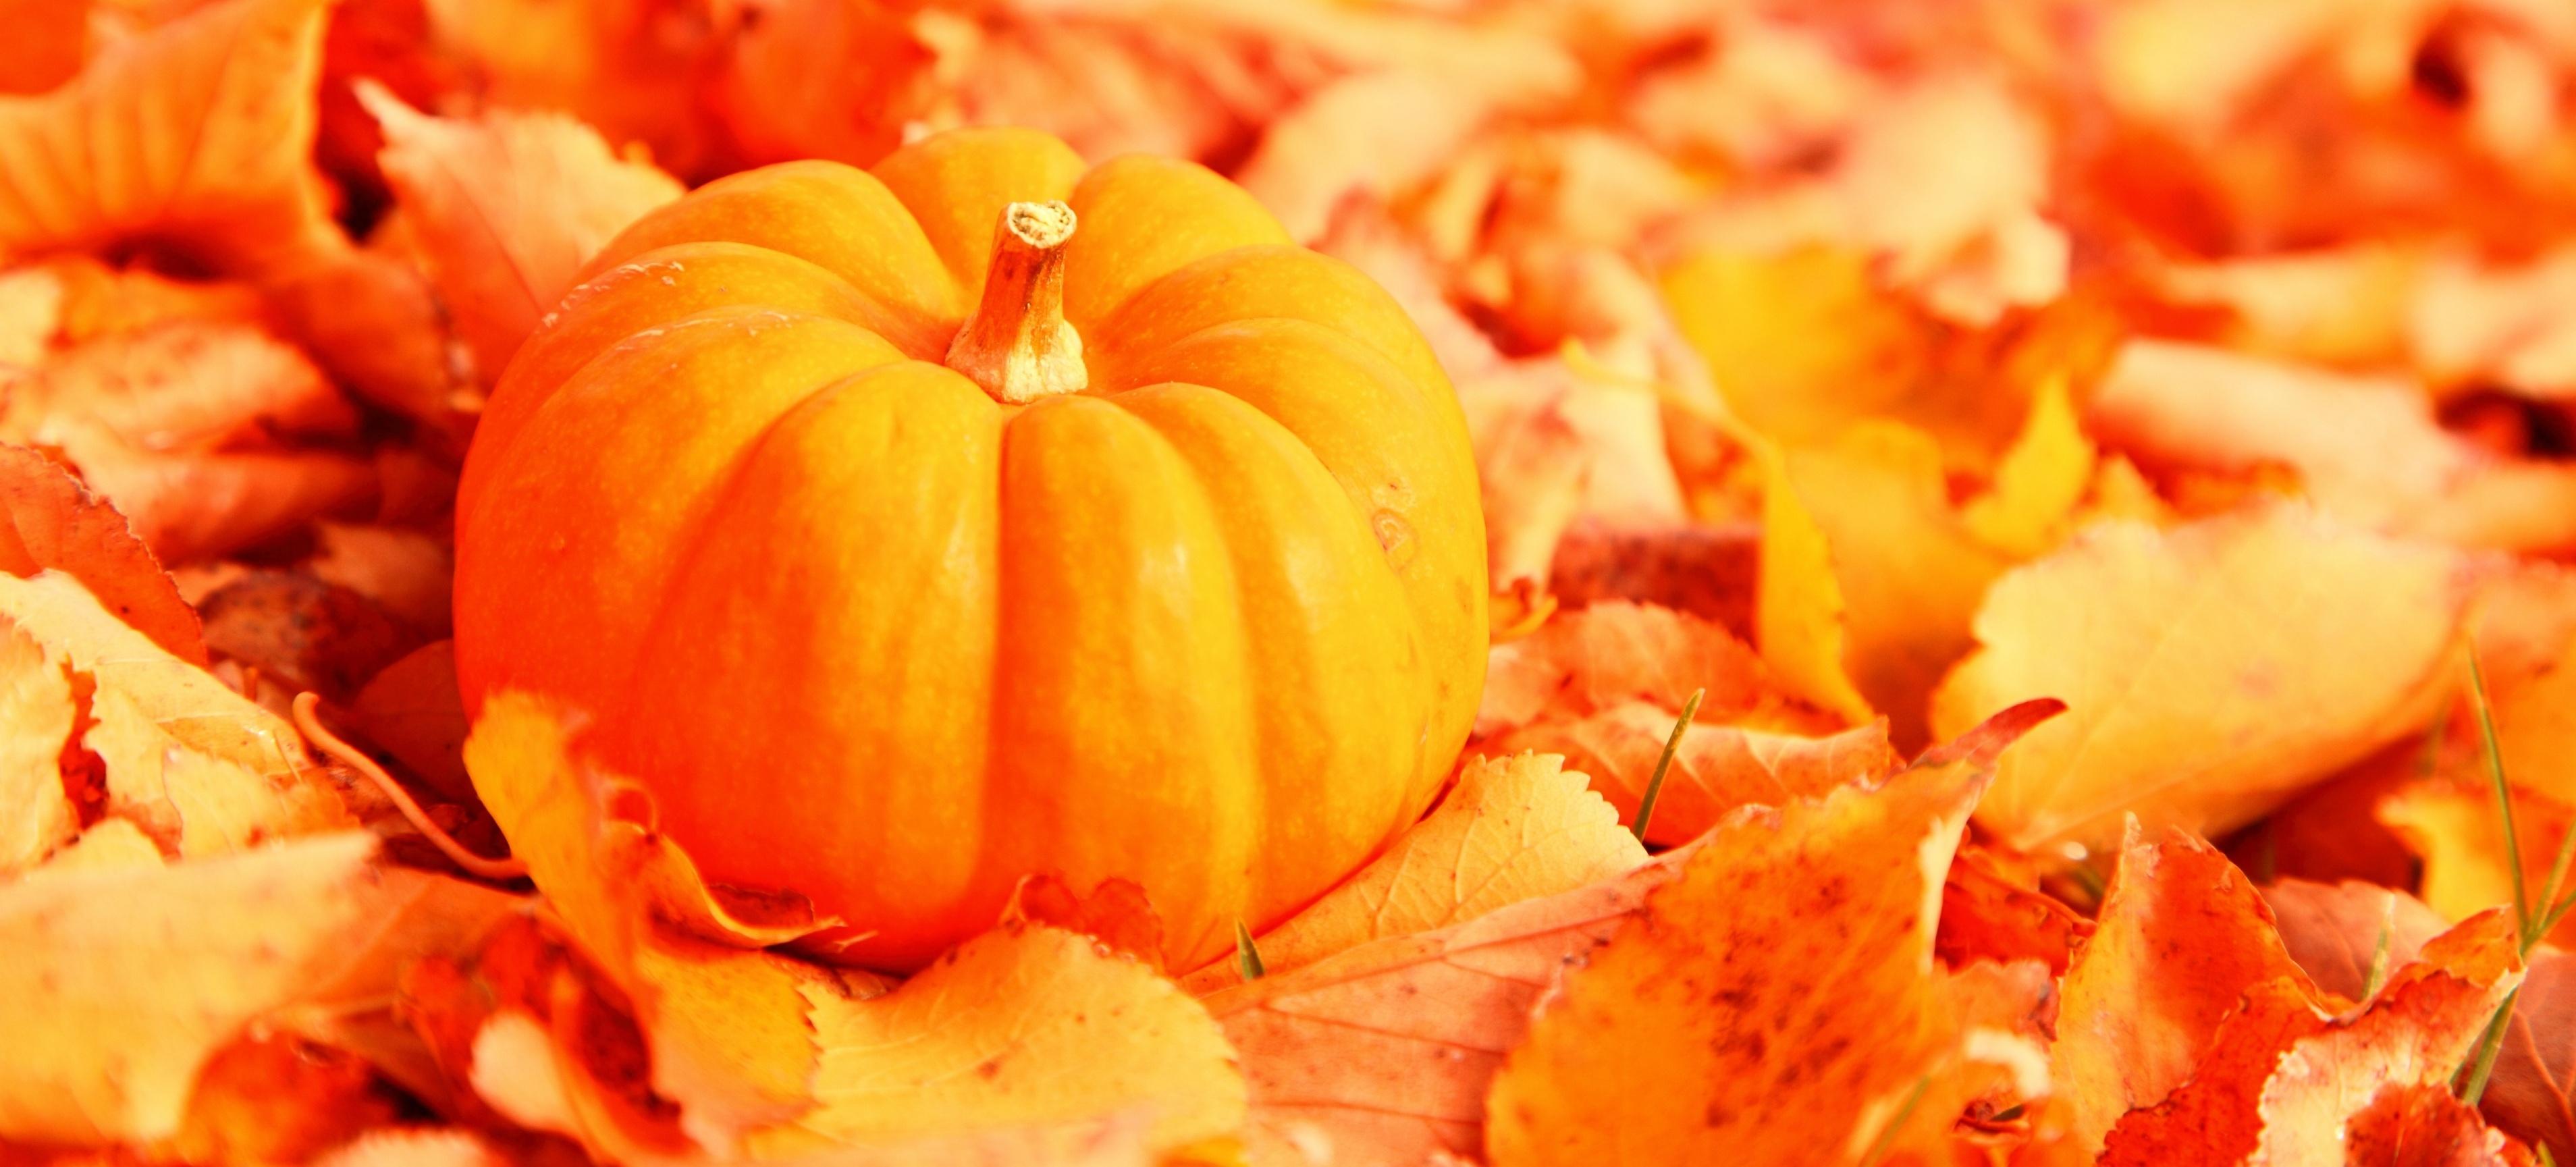 September 2012 absurd cinema - Fall wallpaper pumpkins ...